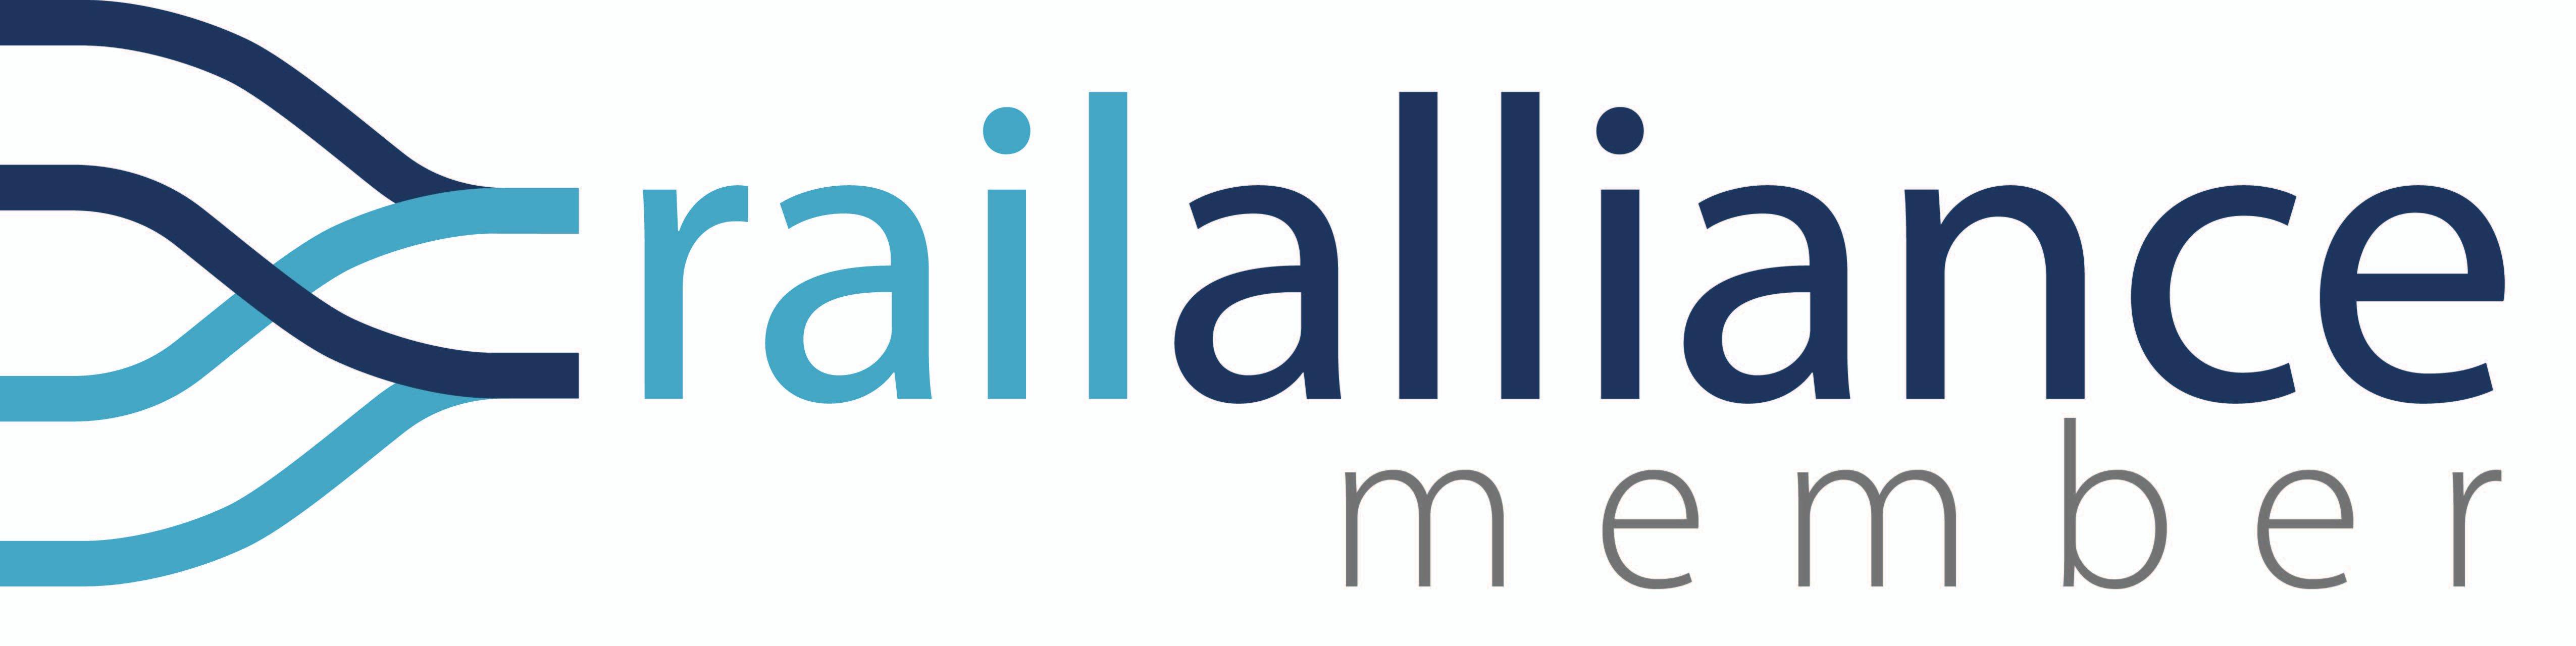 Rail Alliance member